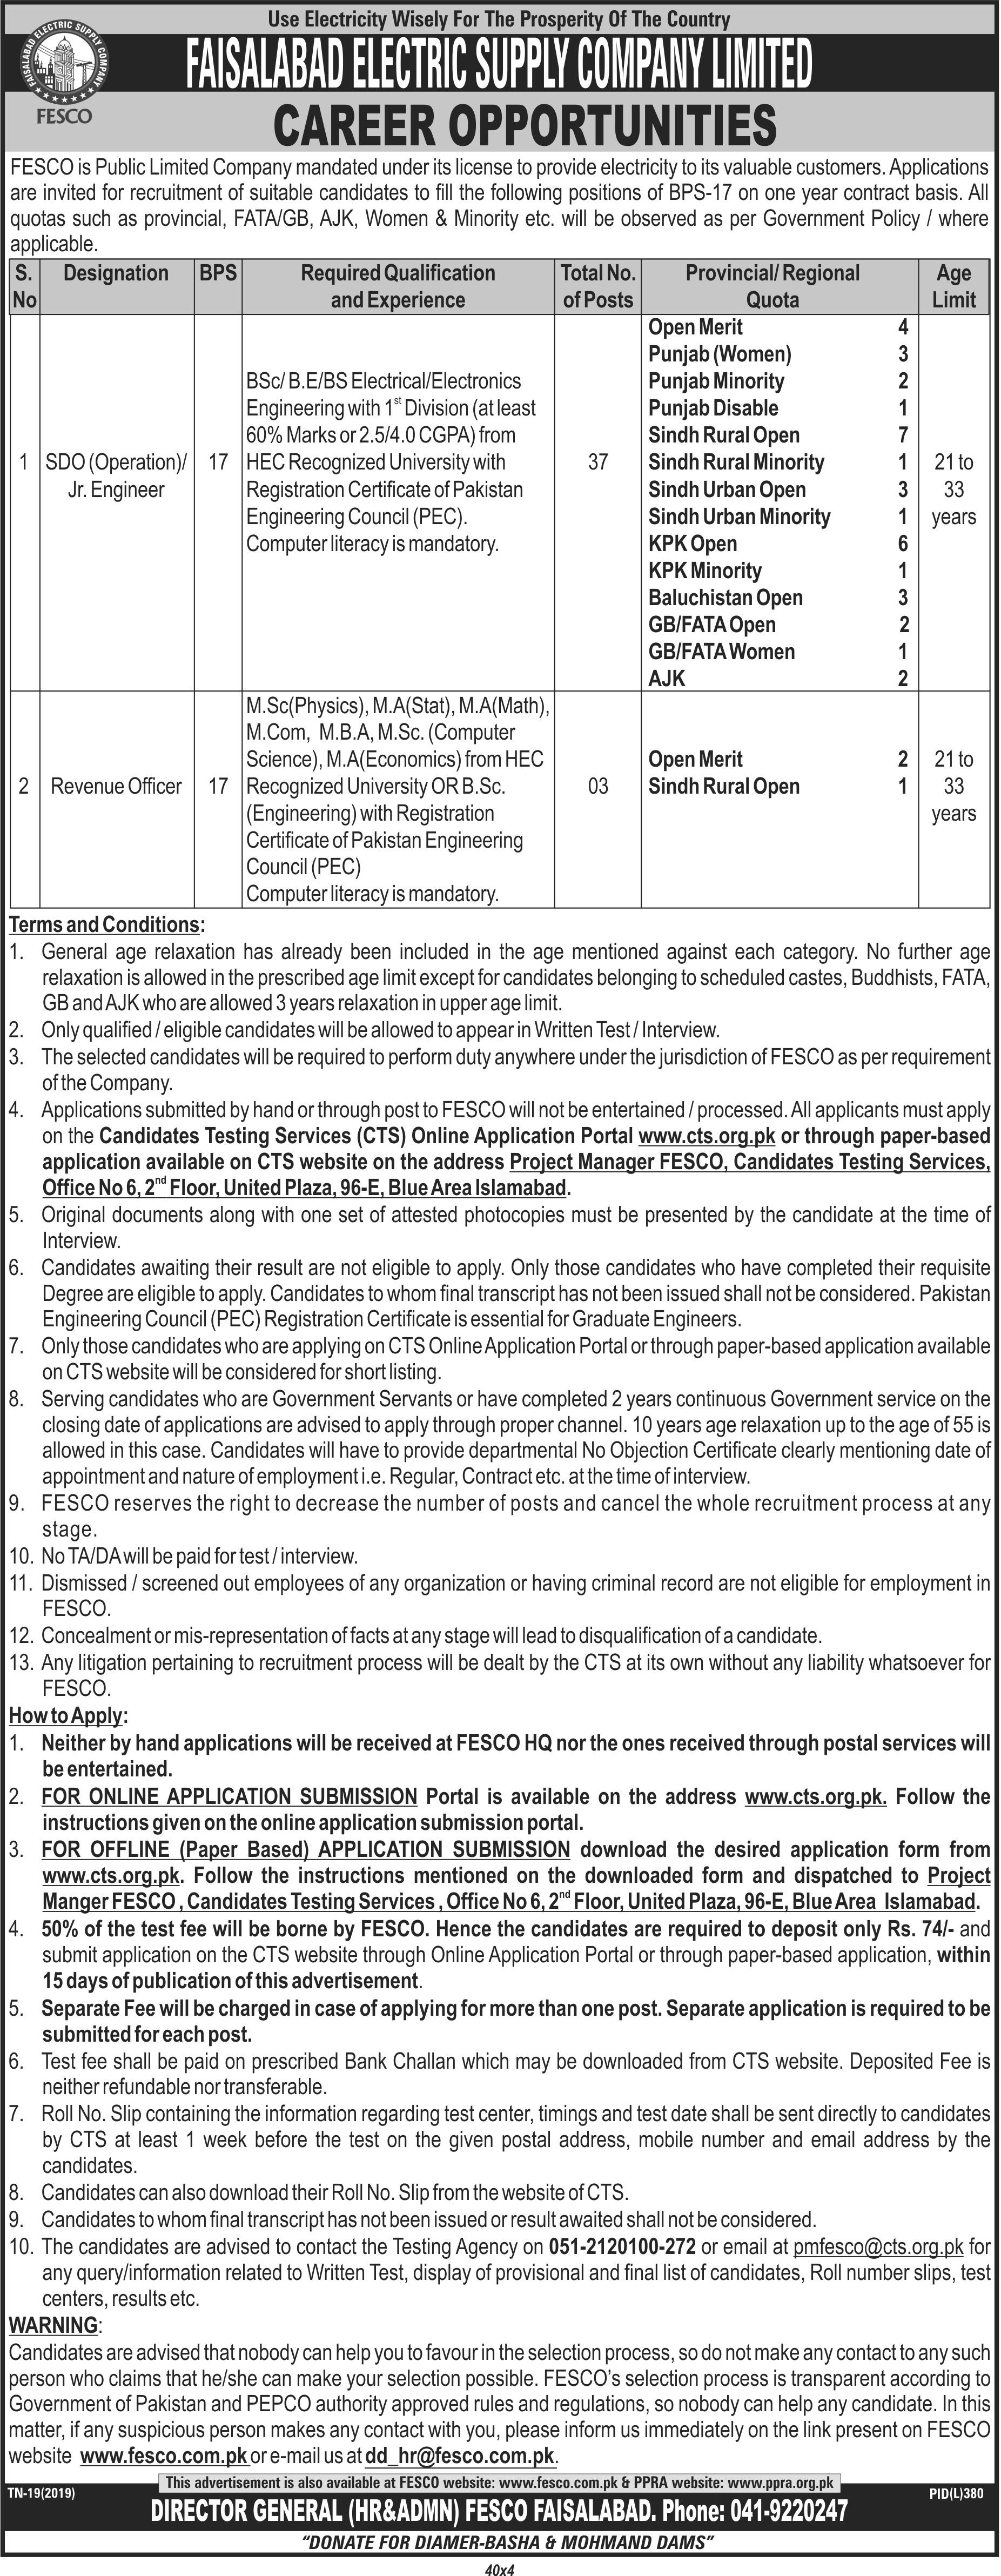 Faisalabad Electric Supply Company FESCO Jobs Via CTS